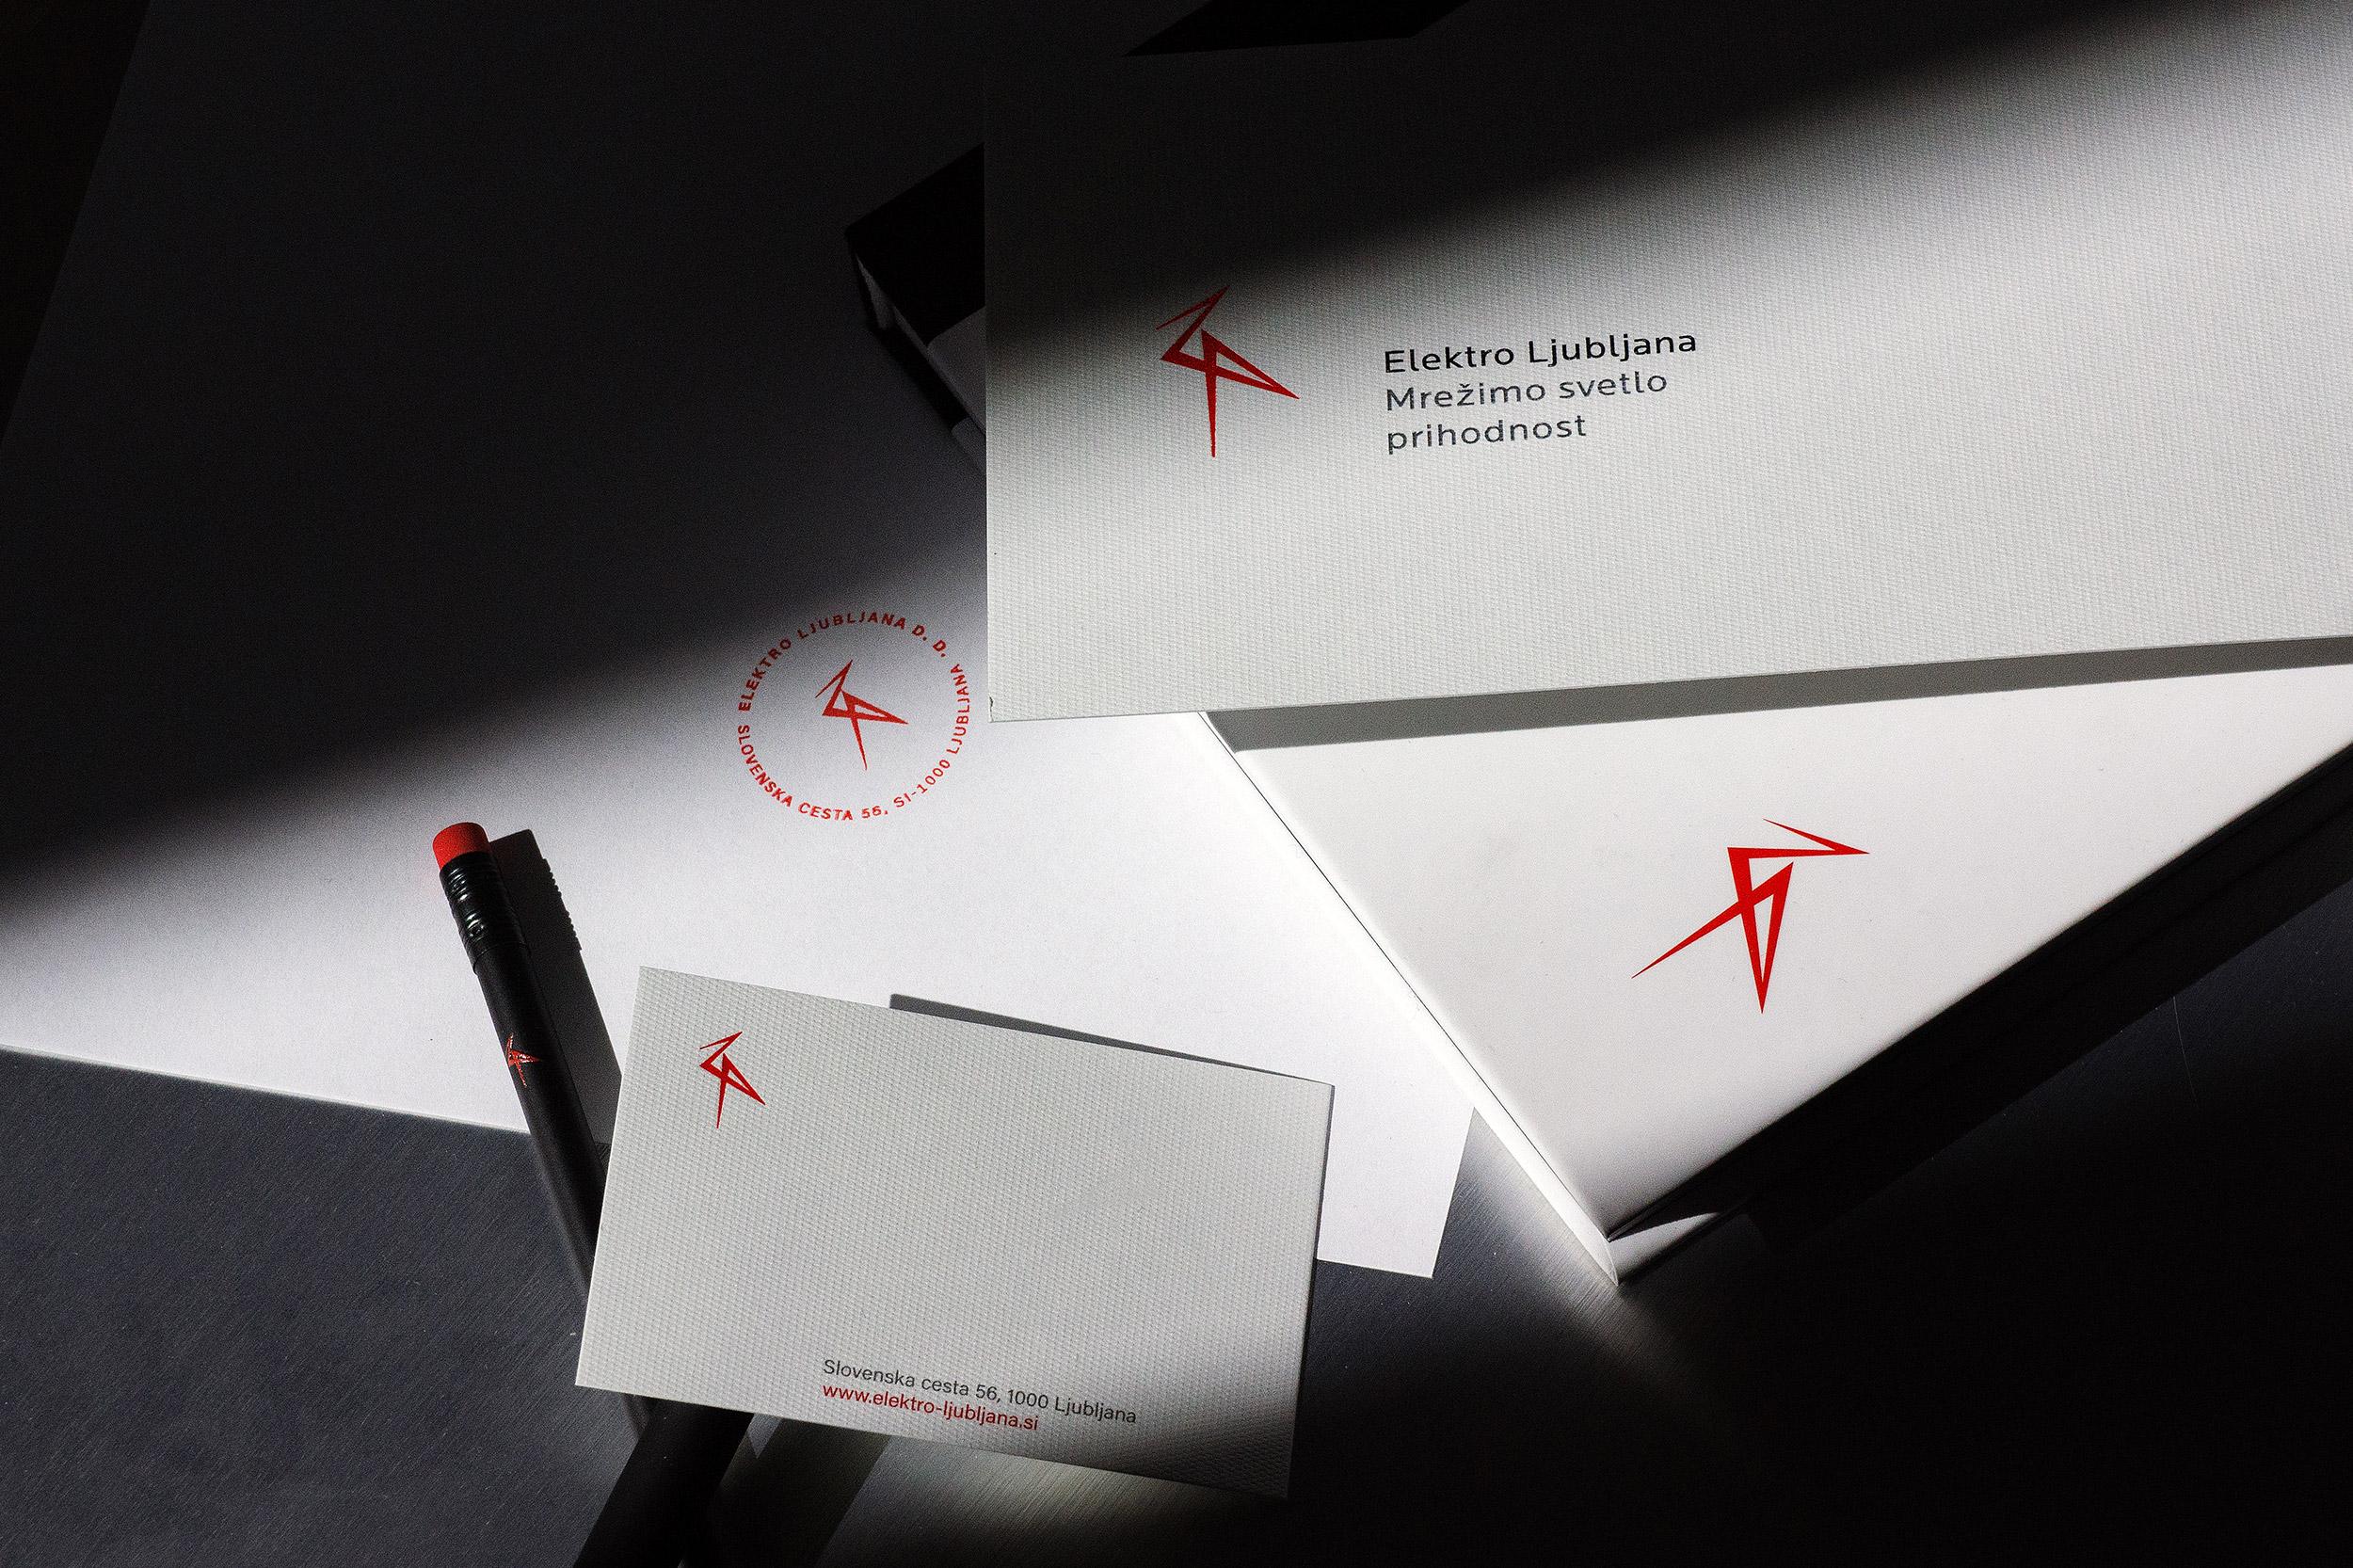 K01-ELEKTRO-LJUBLJANA-image-material